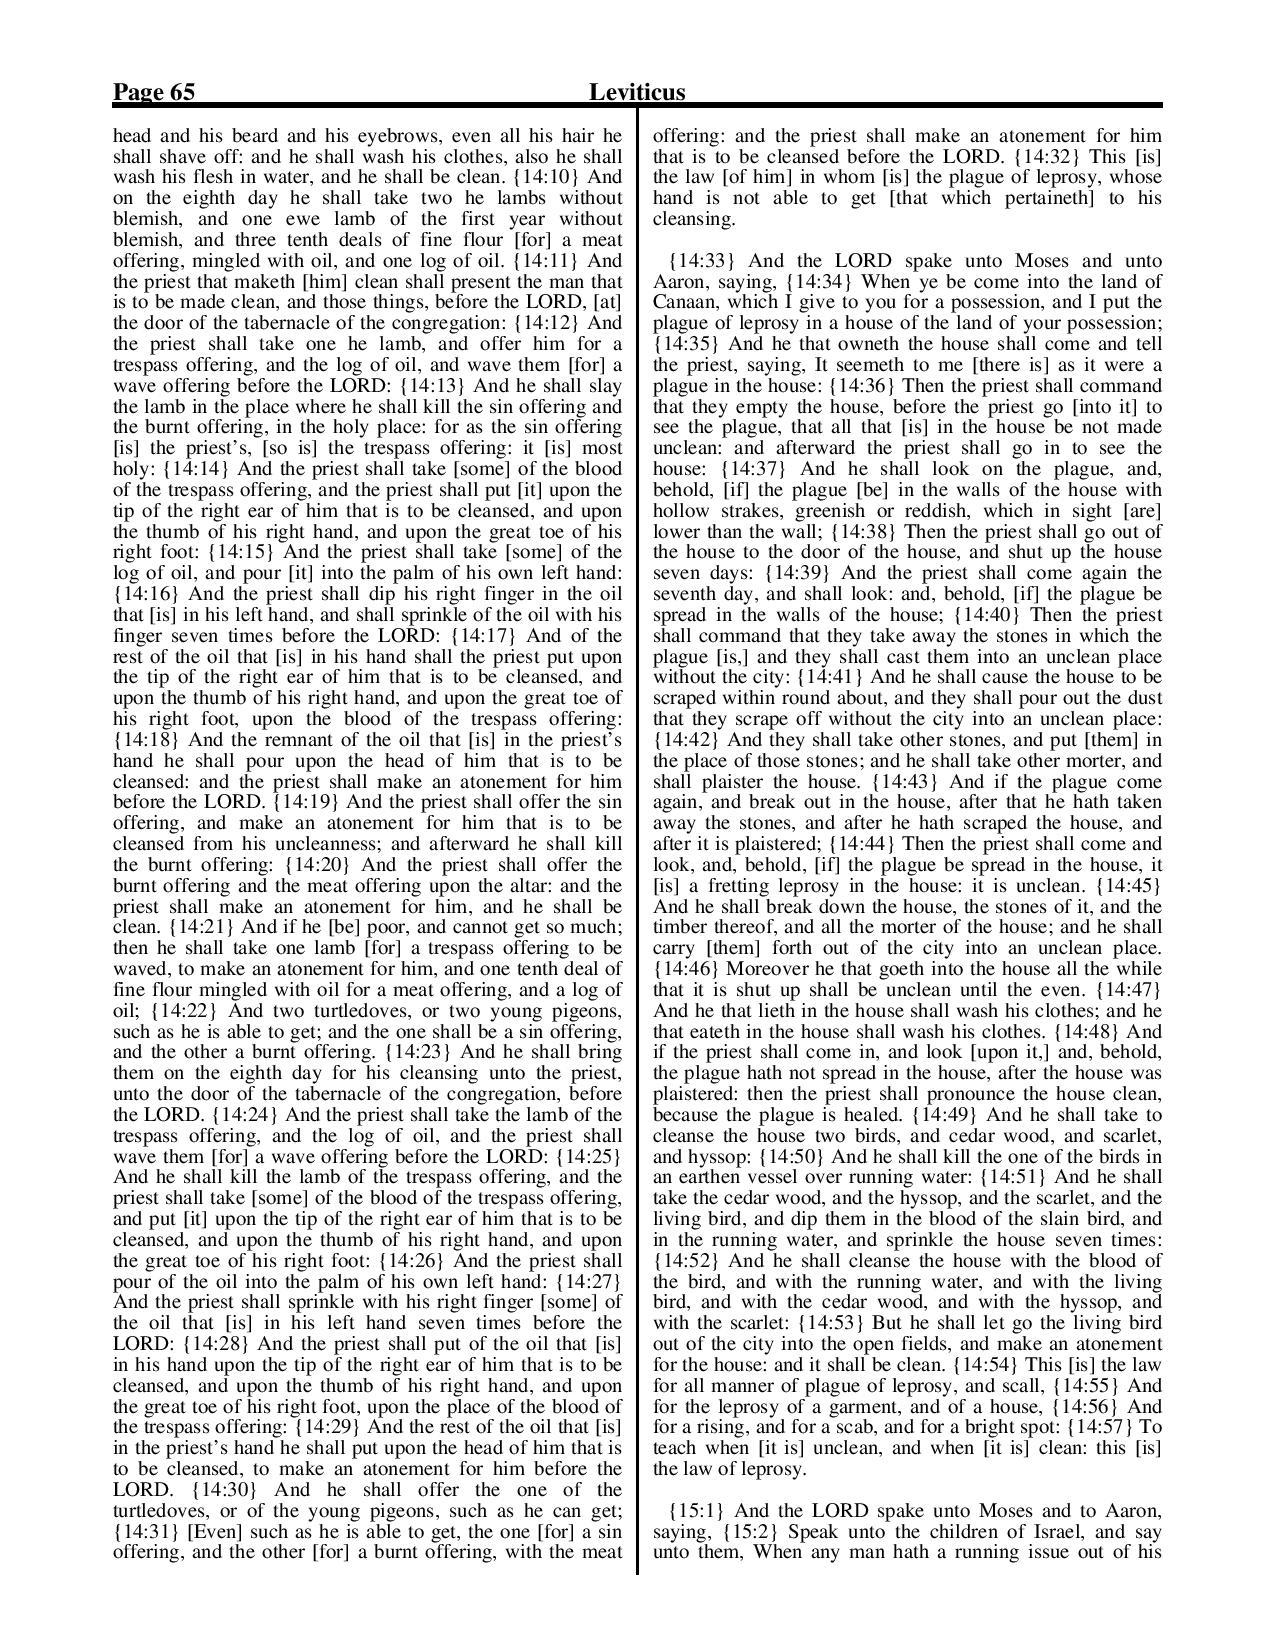 King-James-Bible-KJV-Bible-PDF-page-086